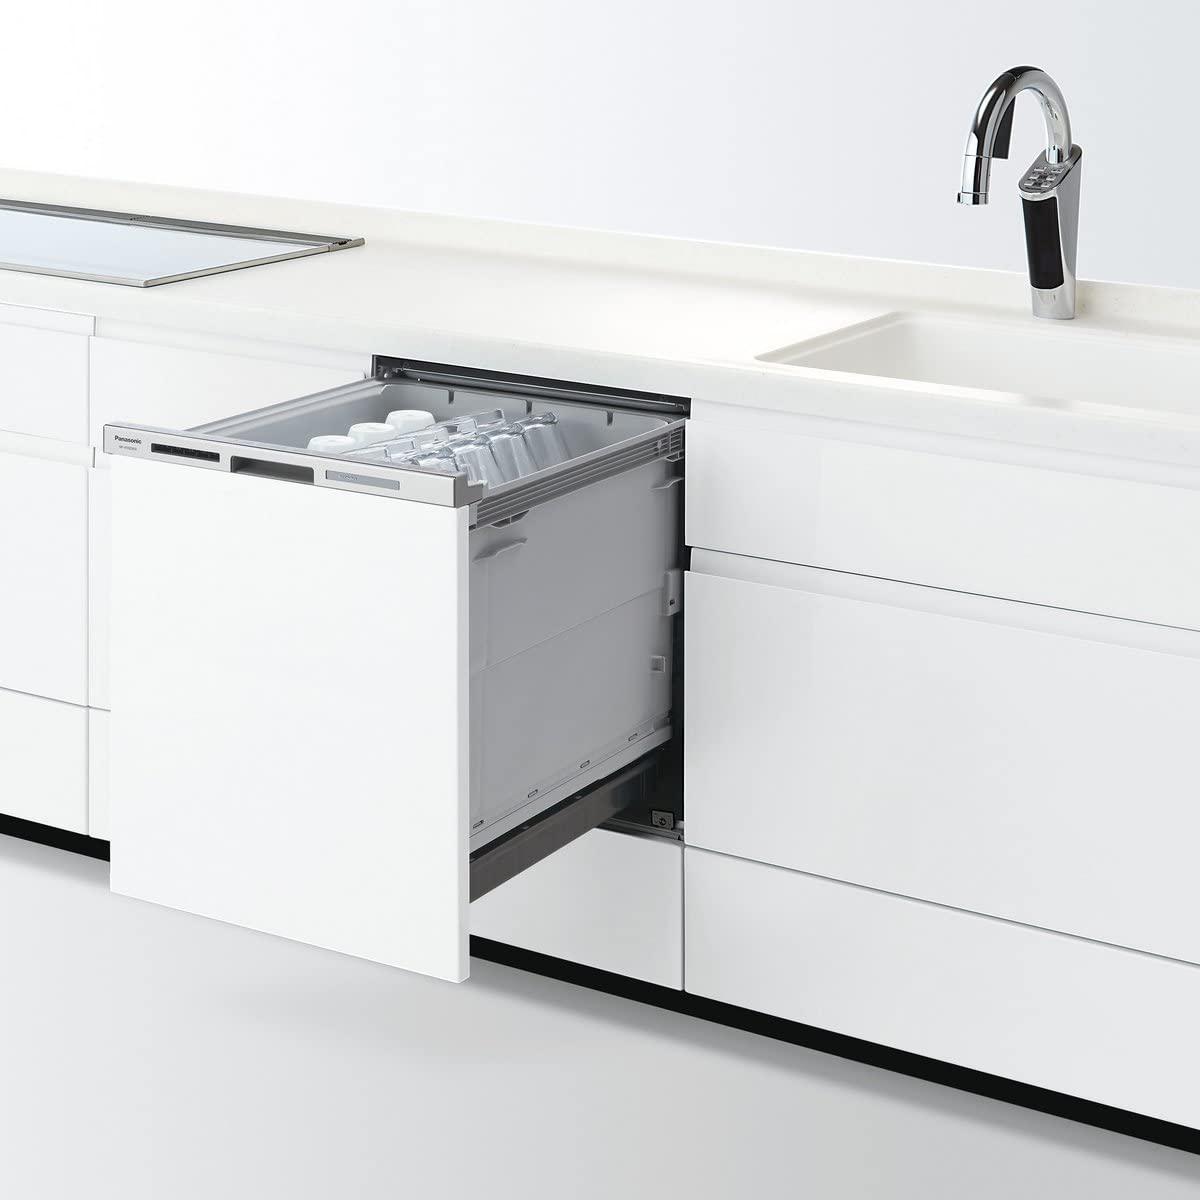 Panasonic(パナソニック) ビルトイン食器洗い乾燥機 NP-45MD8W(ホワイト)の商品画像